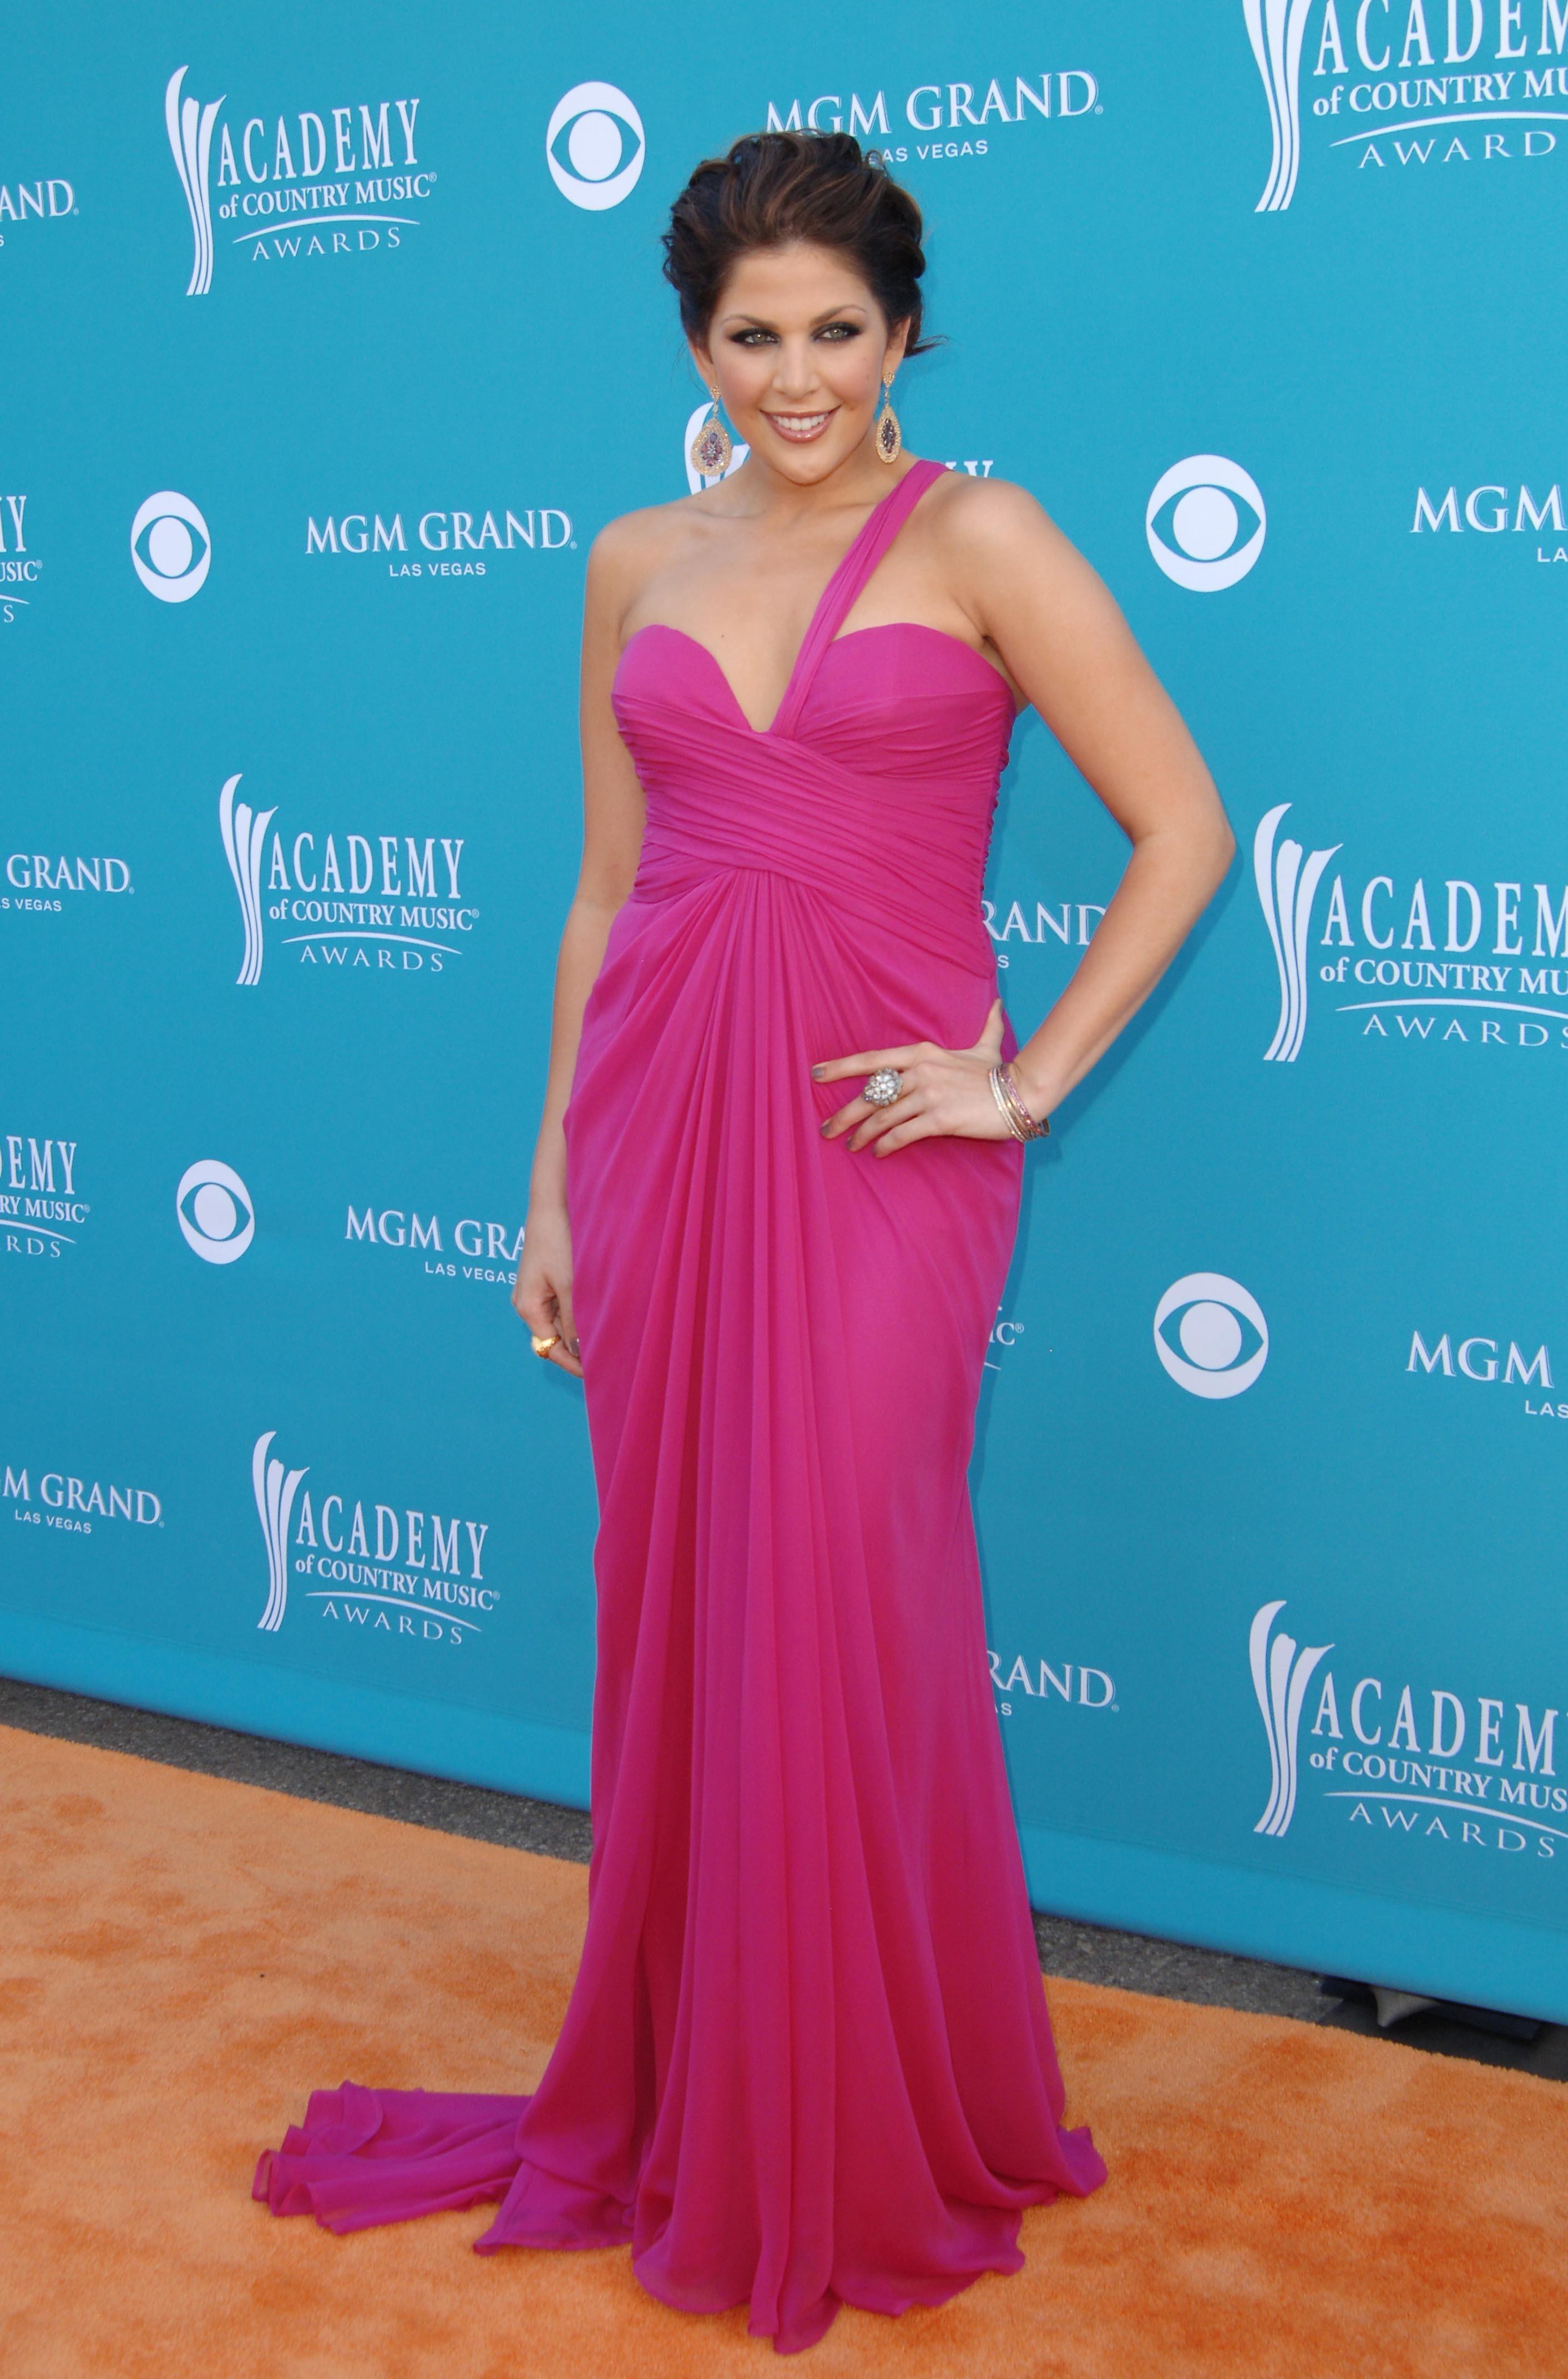 2010: Hillary Scott